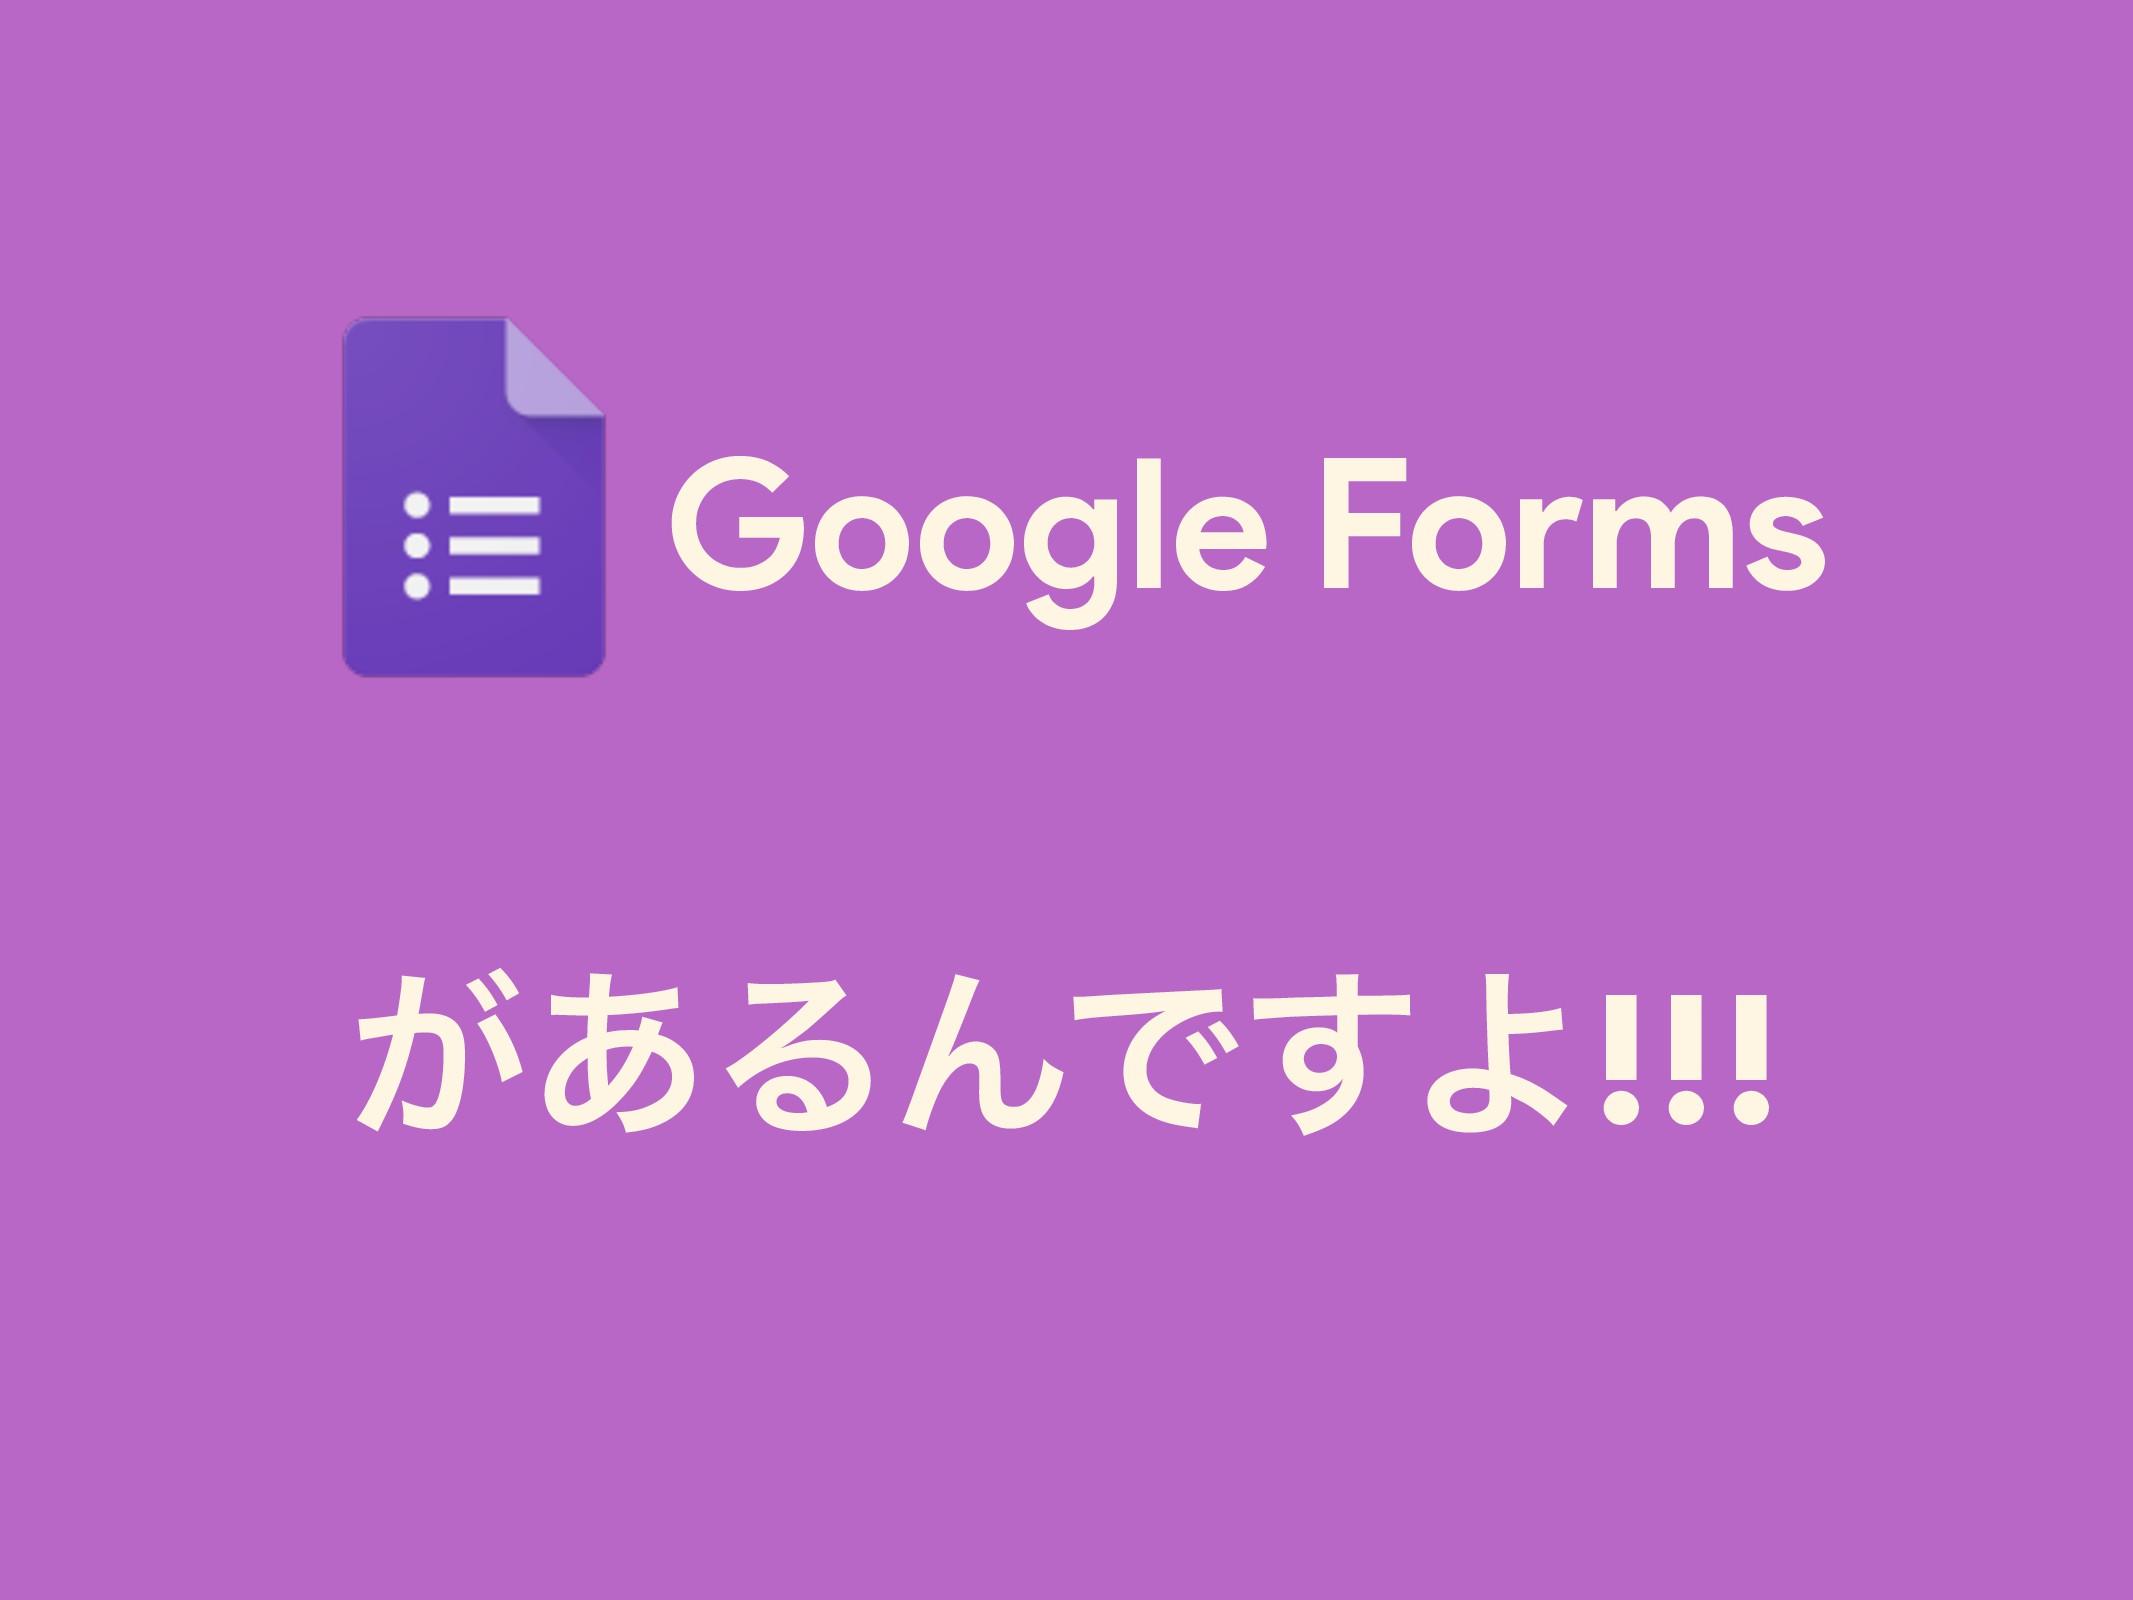 ɹɹGoogle Forms ͕͋ΔΜͰ͢Α!!!